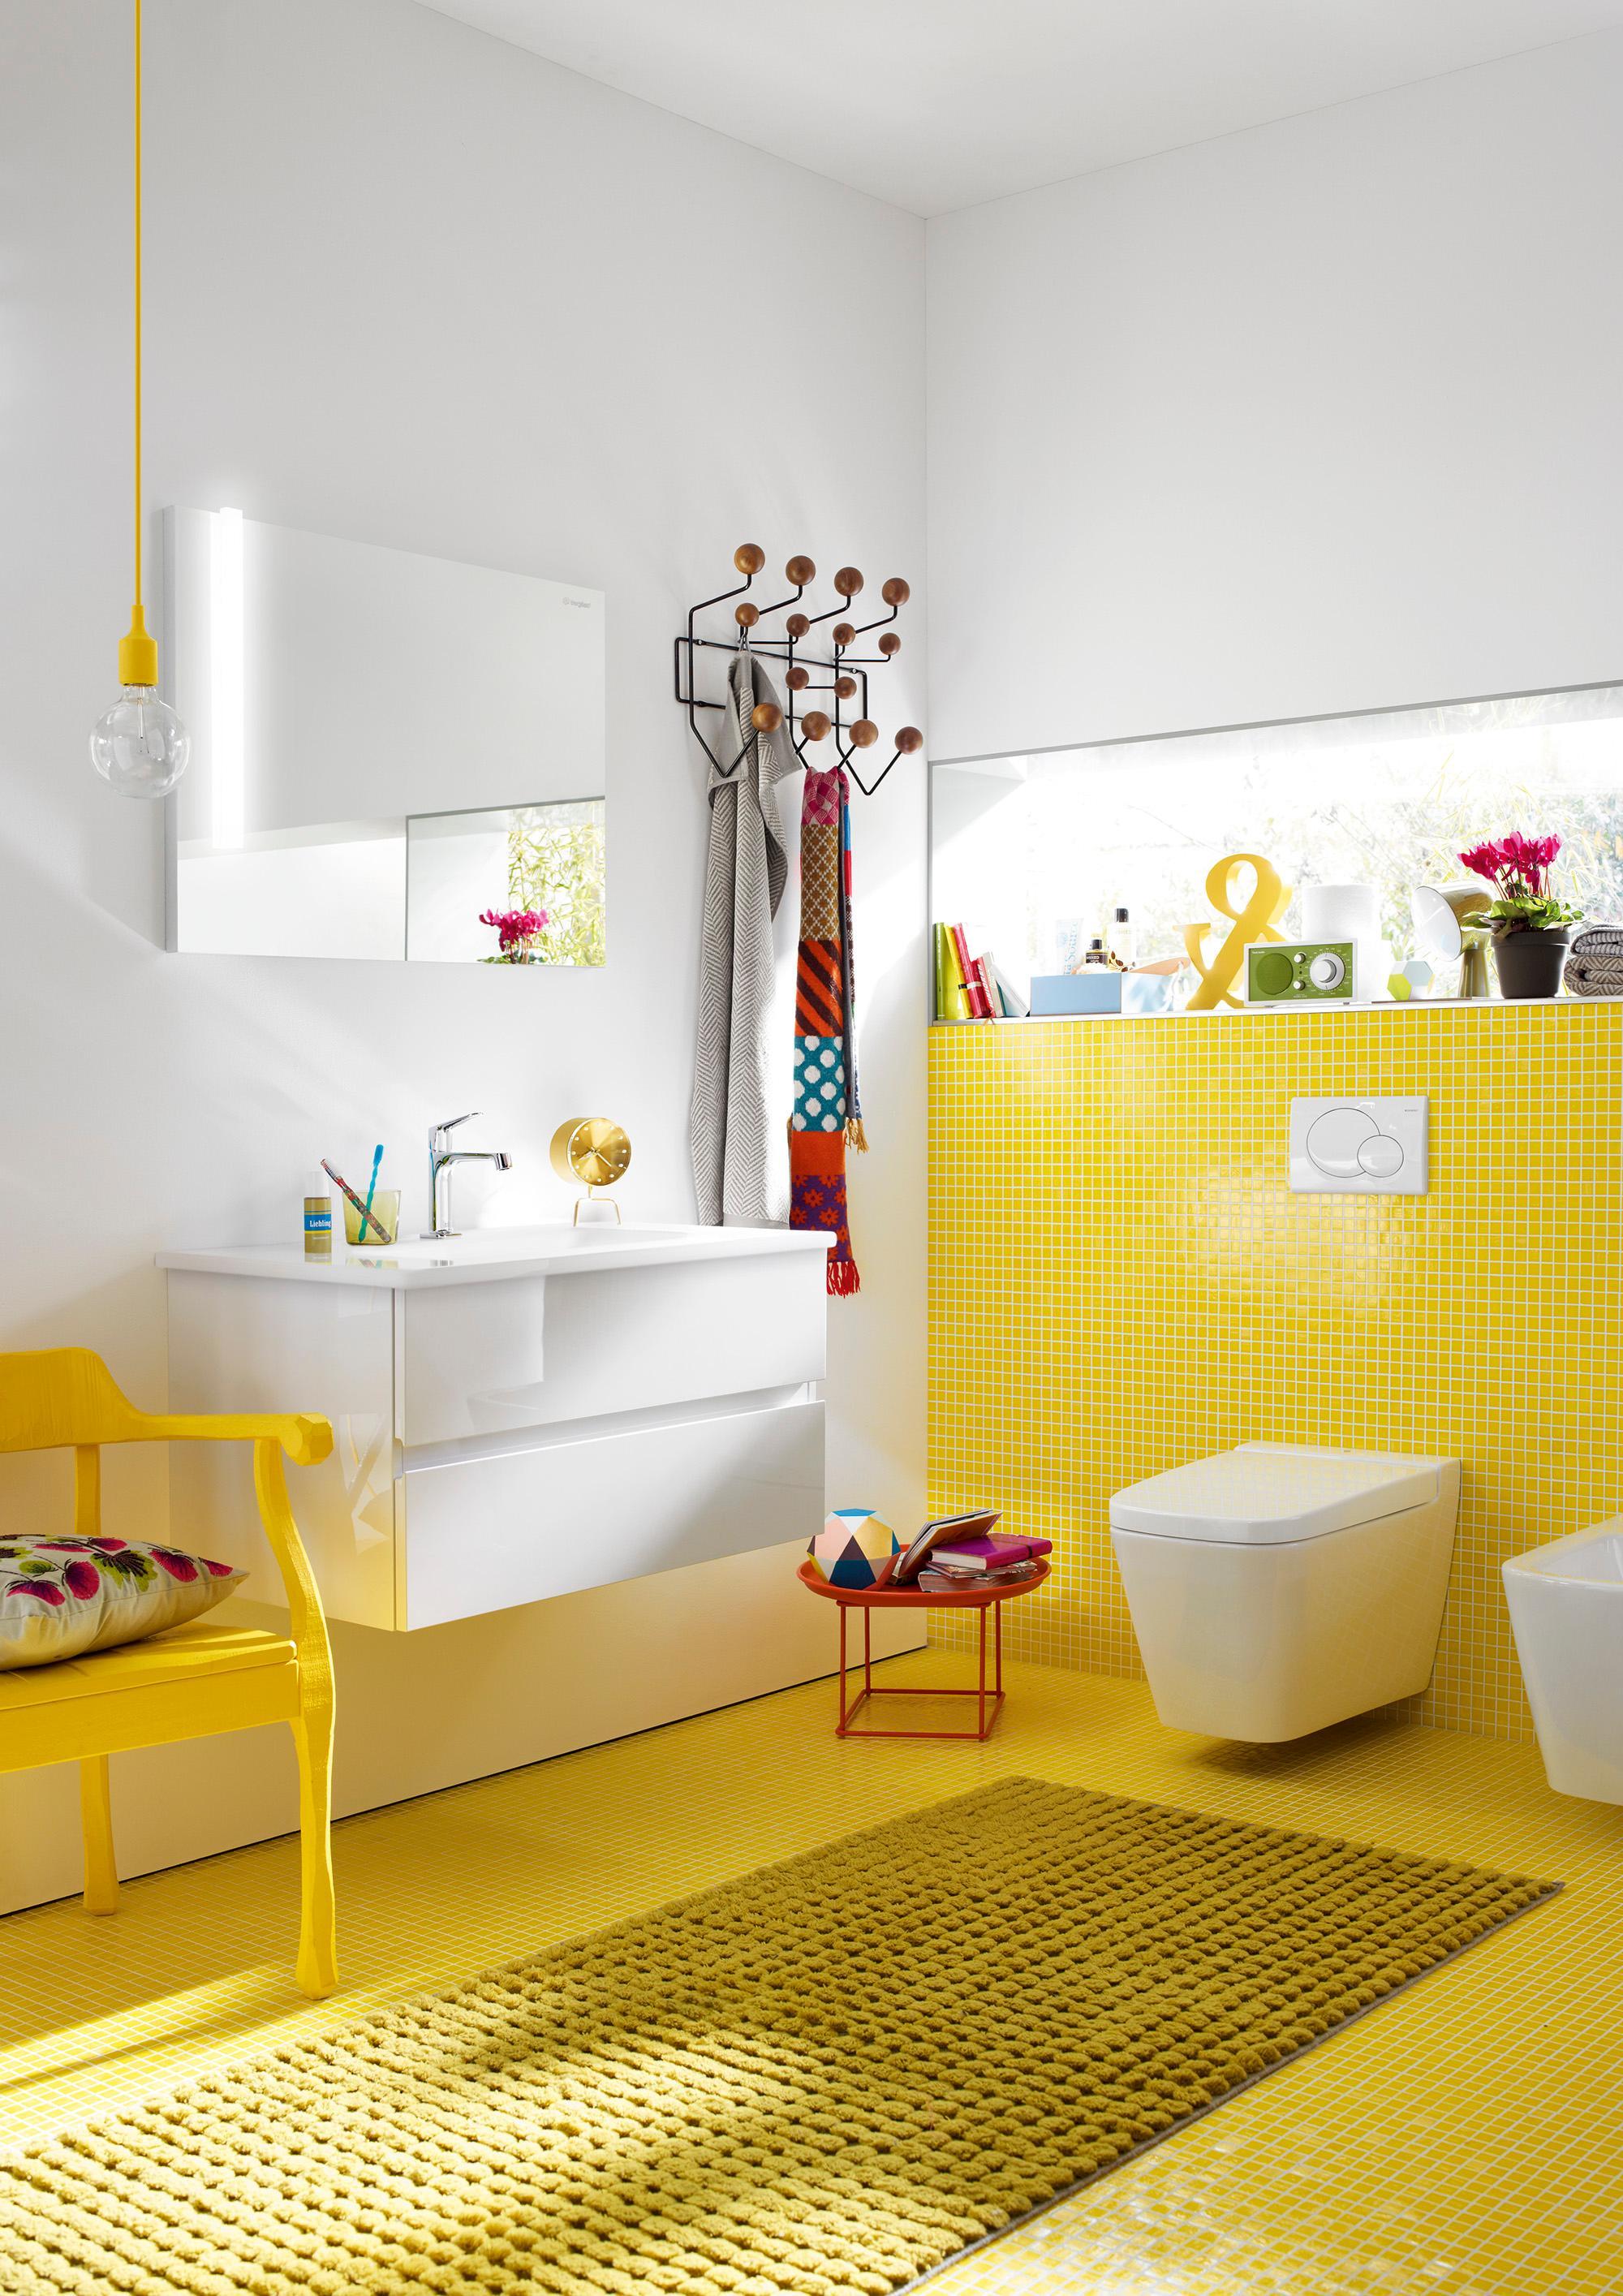 Burgbad Bel Kleines Badezimmer Hell Und Freundlich Gestaltet #bad # Badezimmer #spiegel #waschtisch